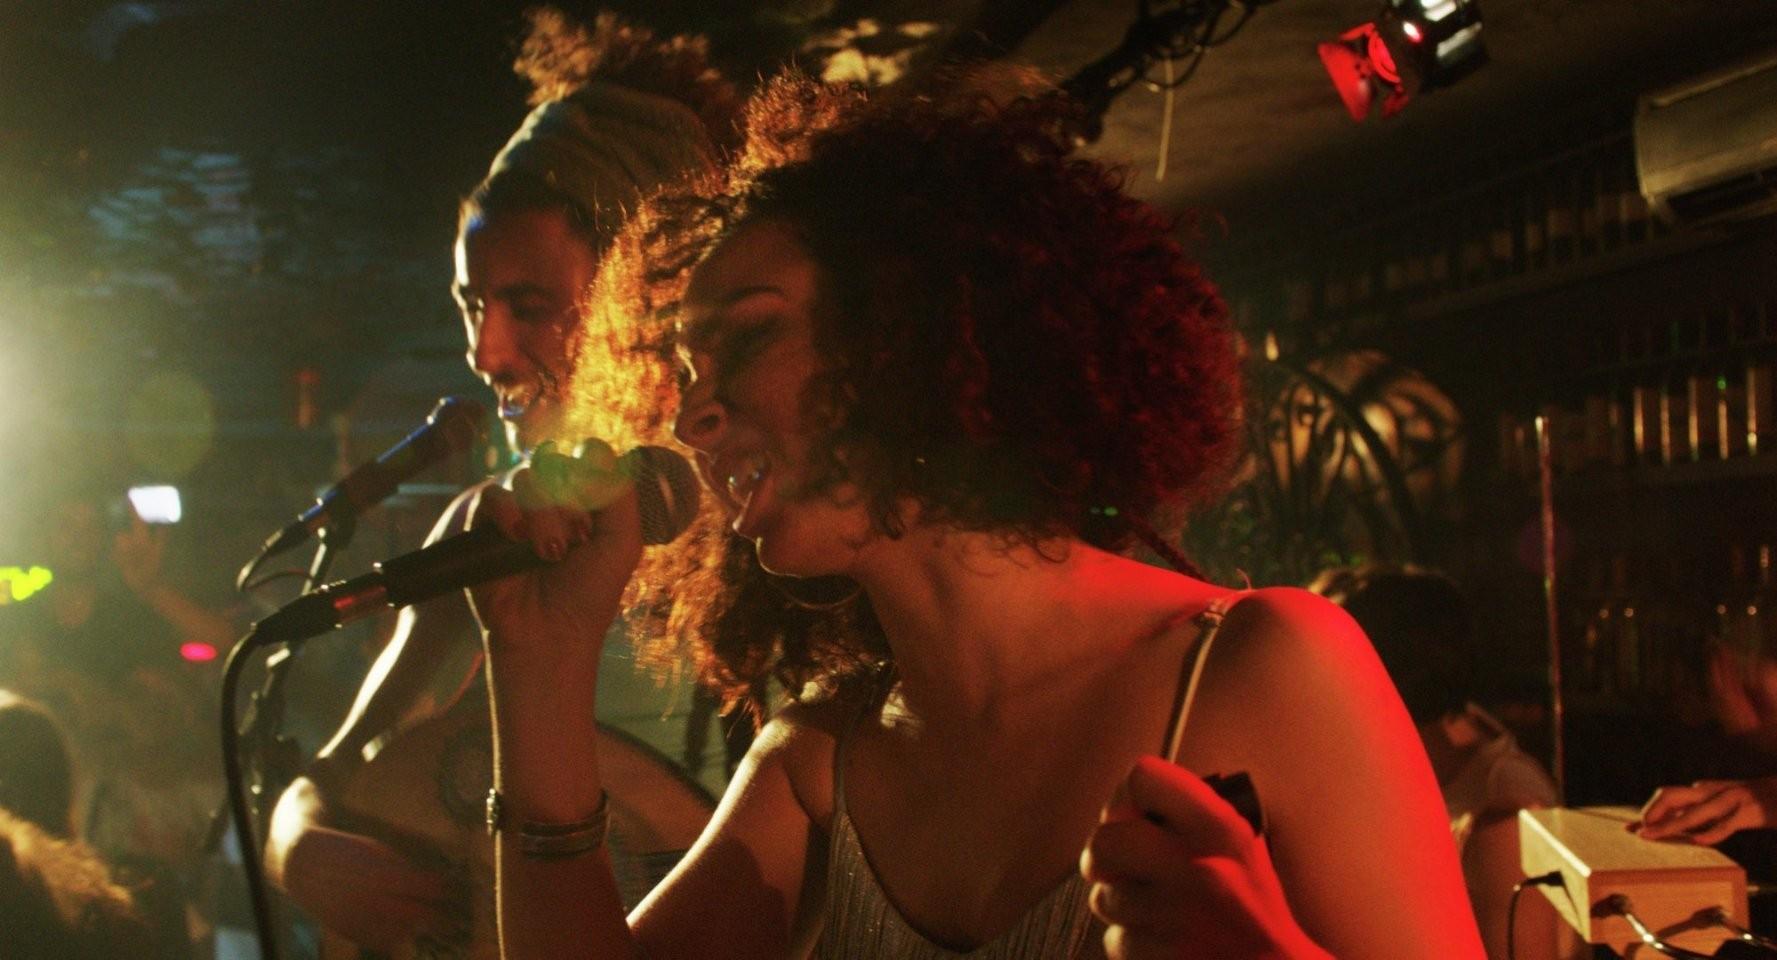 Cineclube Sesc exibe filmes que destacam o protagonismo feminino no cinema